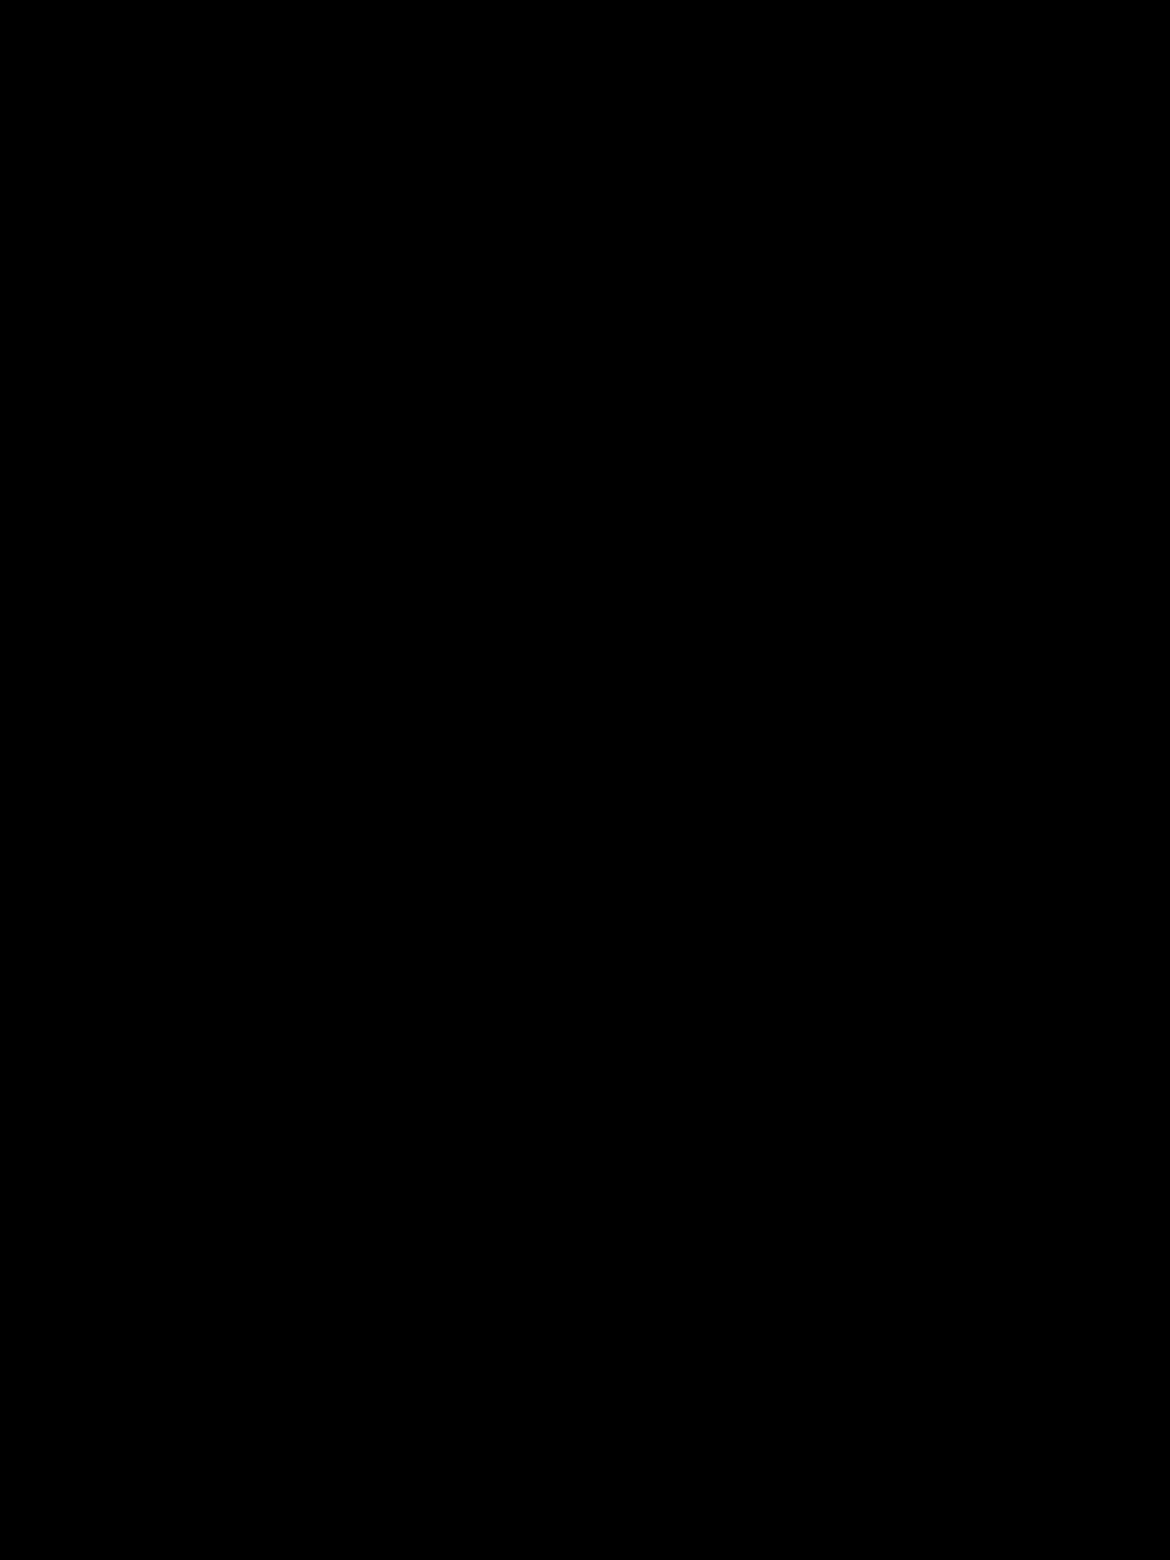 Laura Comolli in elicottero su Taormina - 3 giorni a Taormina con Giorgio Armani Beauty